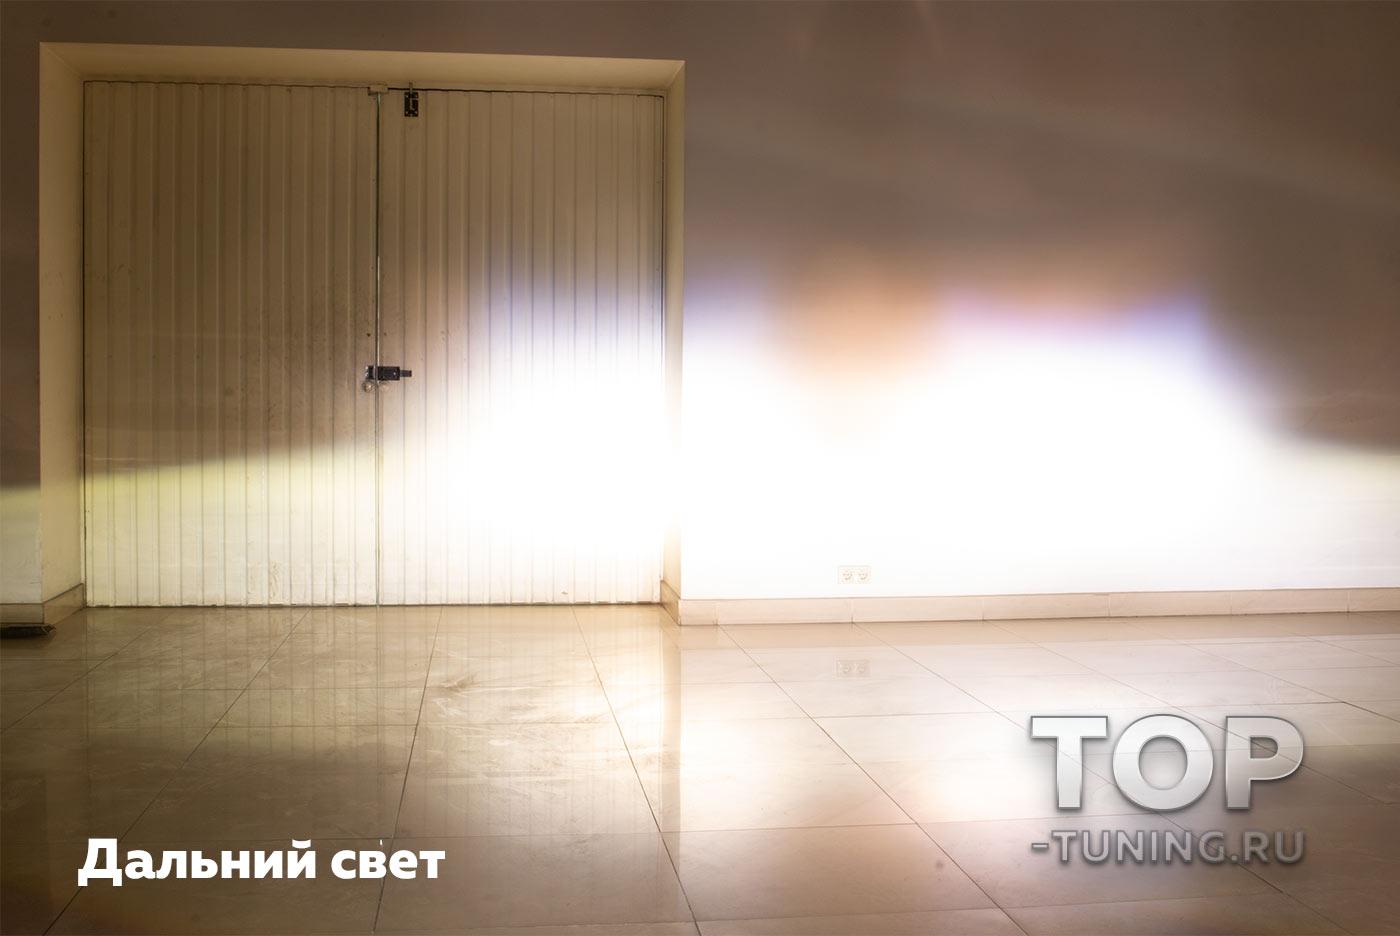 РЕТРОФИТ - УНИВЕРСАЛЬНЫЙ ТЮНИНГ ПЕРЕДНИХ ФАР СВЕТОДИОДНАЯ БИ-ЛИНЗА  3.0 ДЮЙМА (762 mm) КРУГЛАЯ - DIXEL GTR V2 - 4500K